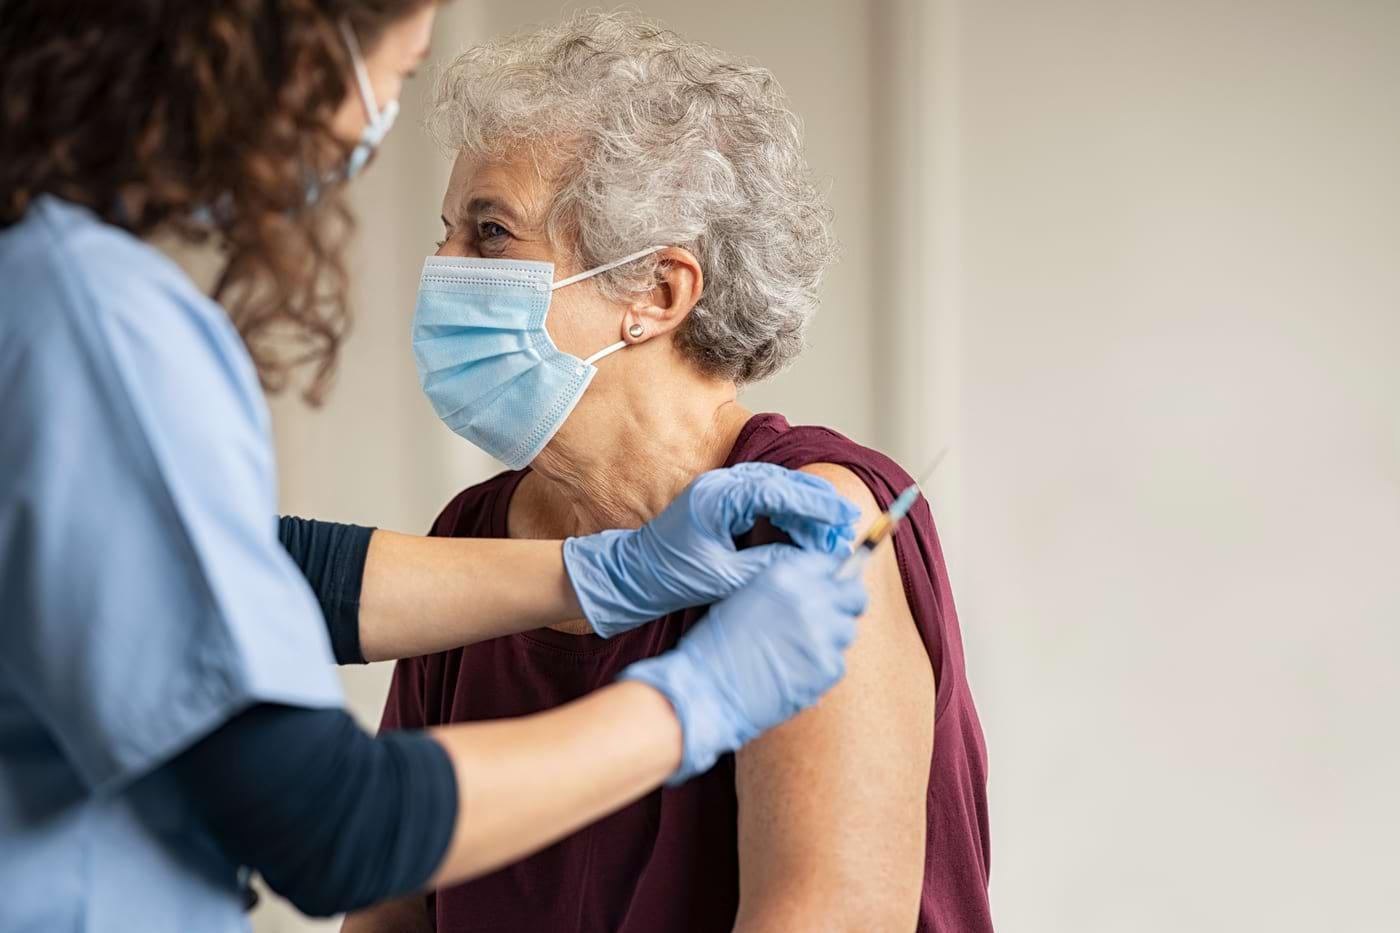 Ce efecte adverse pot avea vaccinurile anti-COVID-19?